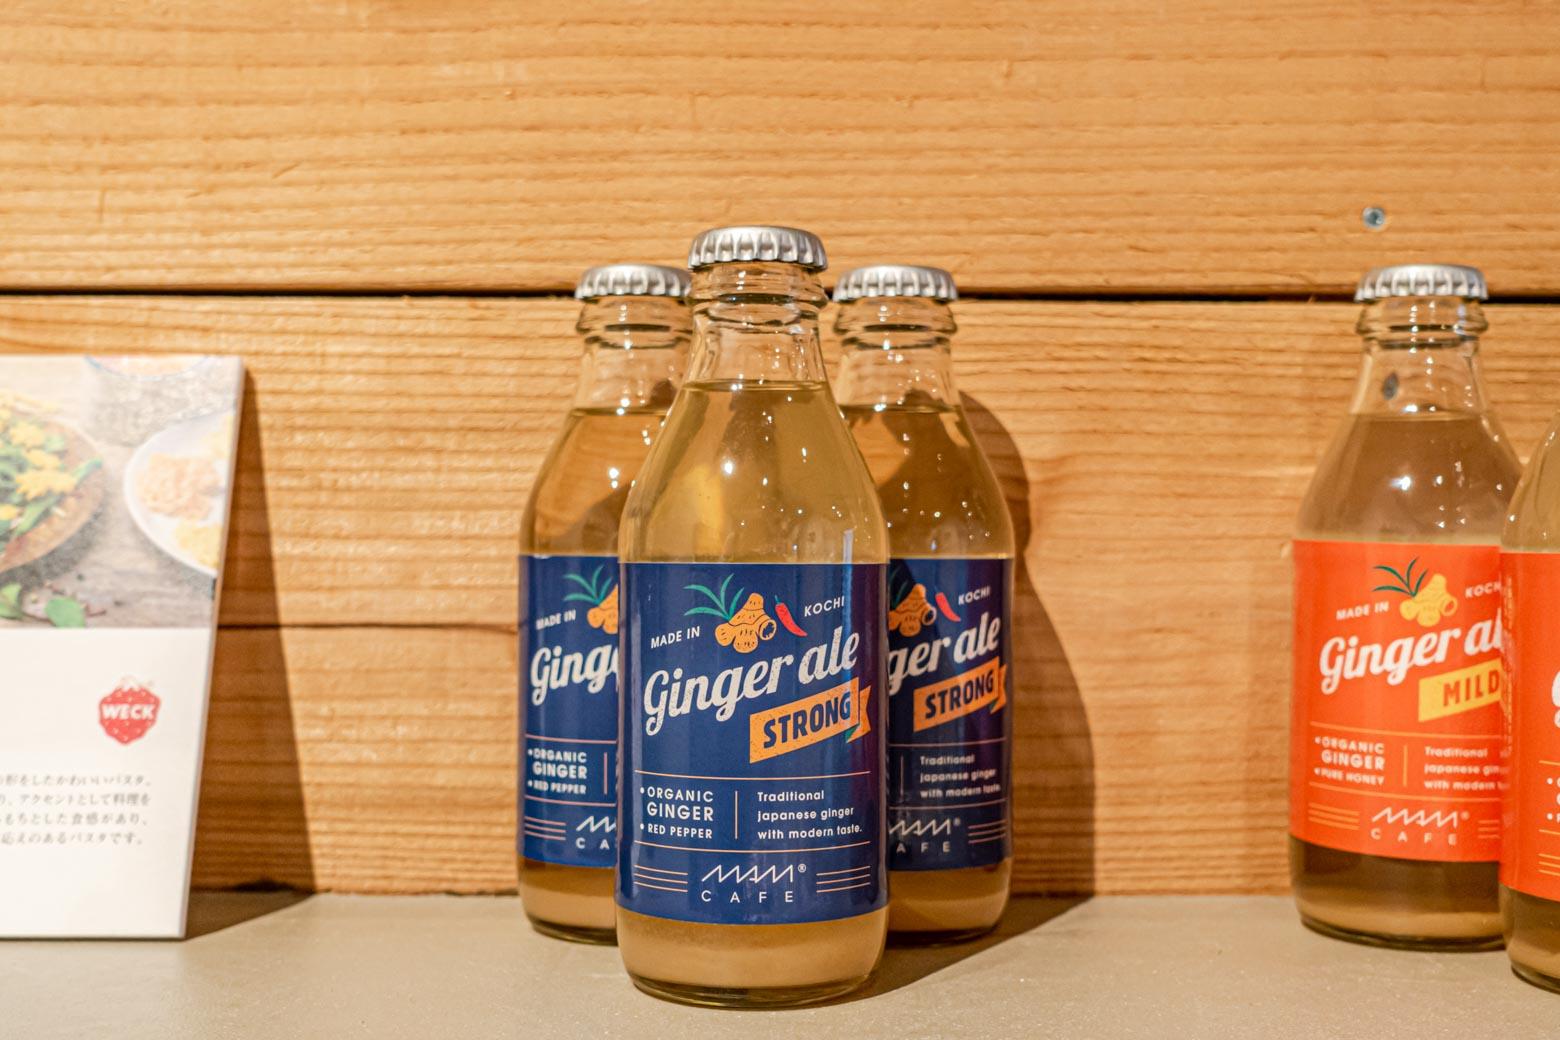 〈ジンジャーエール界でもトップクラスの辛口〉というコピーに惹かれ、ジンジャーエールを購入。どんな味がするのか、飲むのが楽しみです。